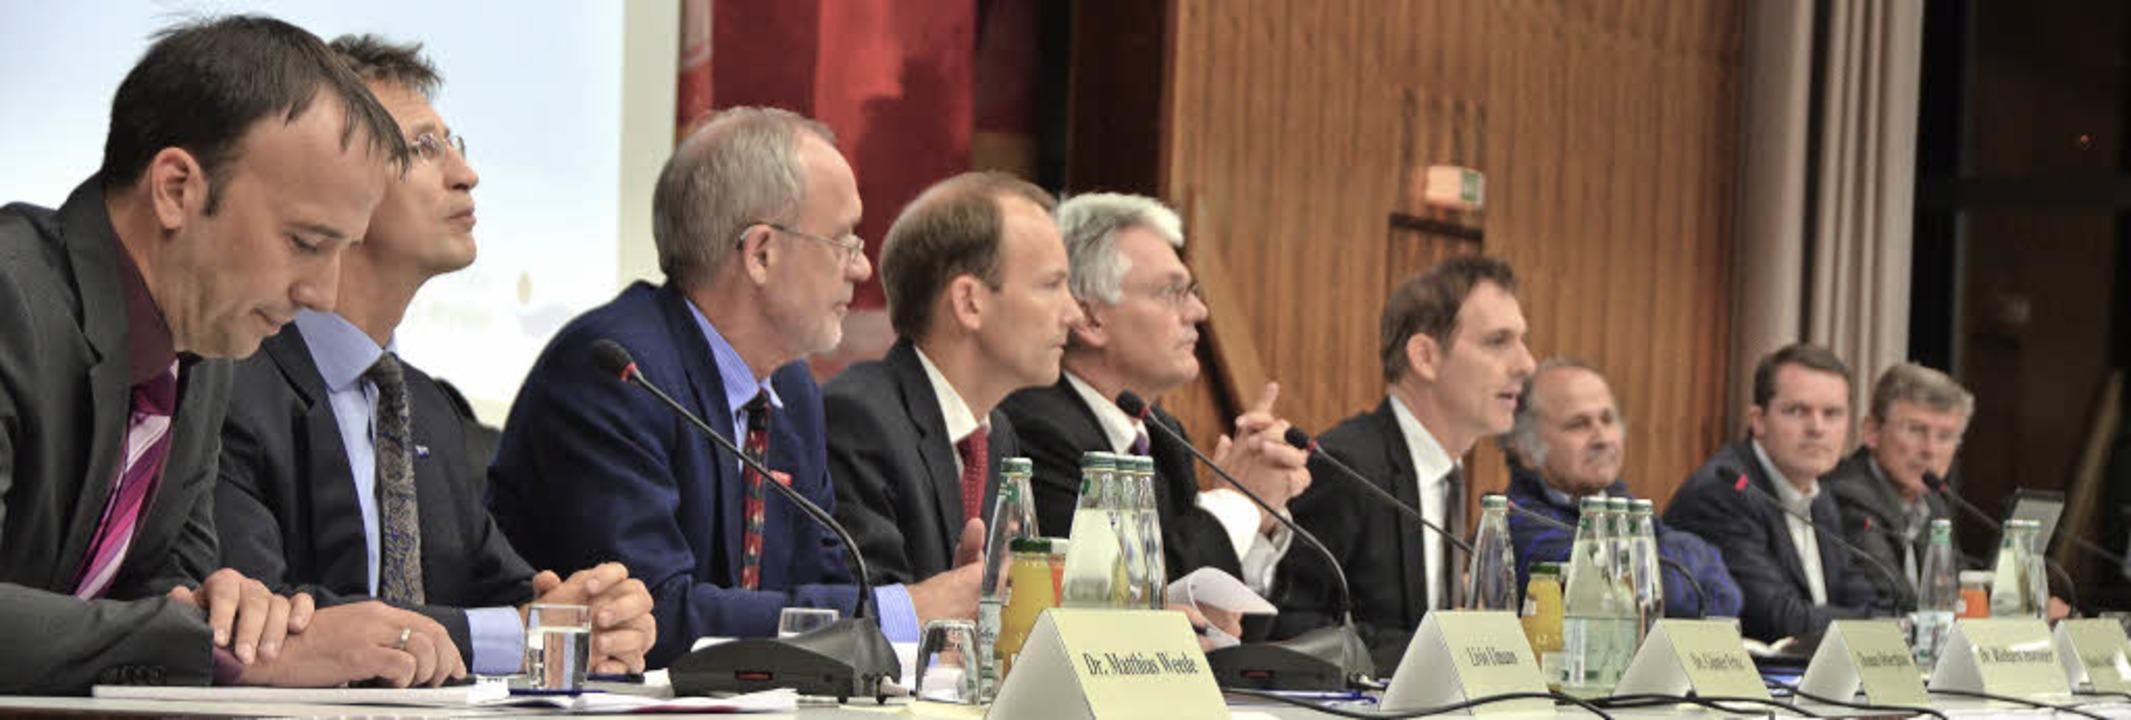 Voll besetztes Podium mit (von rechts)...Wildi, Michael Bertram und Georg Lutz     Foto: Ralf H. Dorweiler